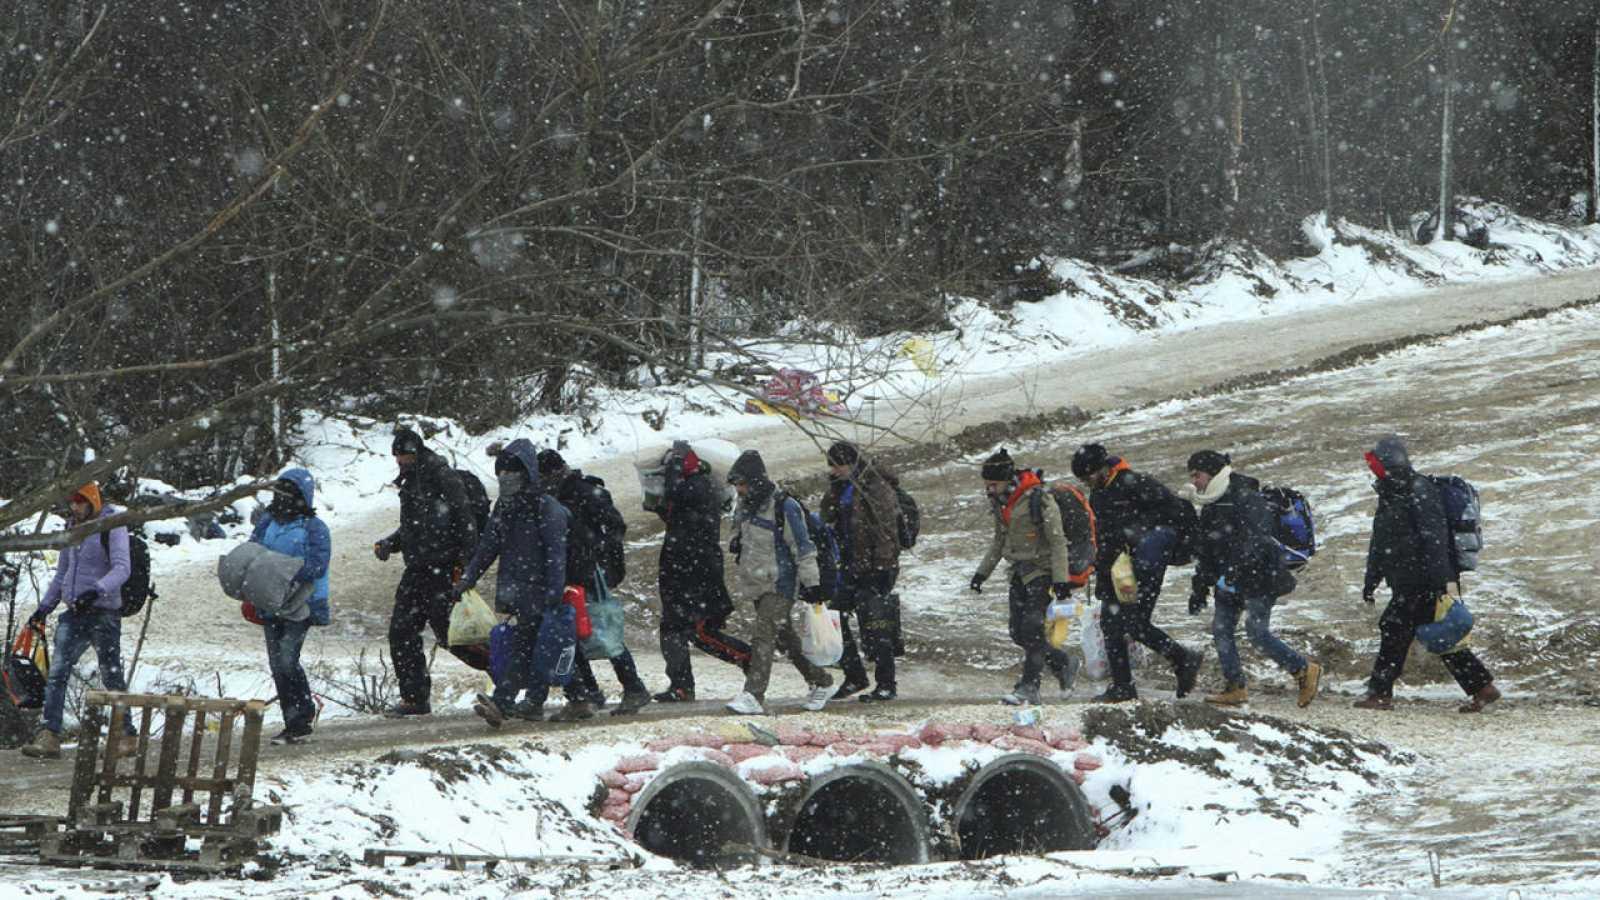 Refugiados de Siria, Irak y Afganistán caminan hacia un campamento temporal para inmigrantes en el pueblo de Miratovac, Serbia